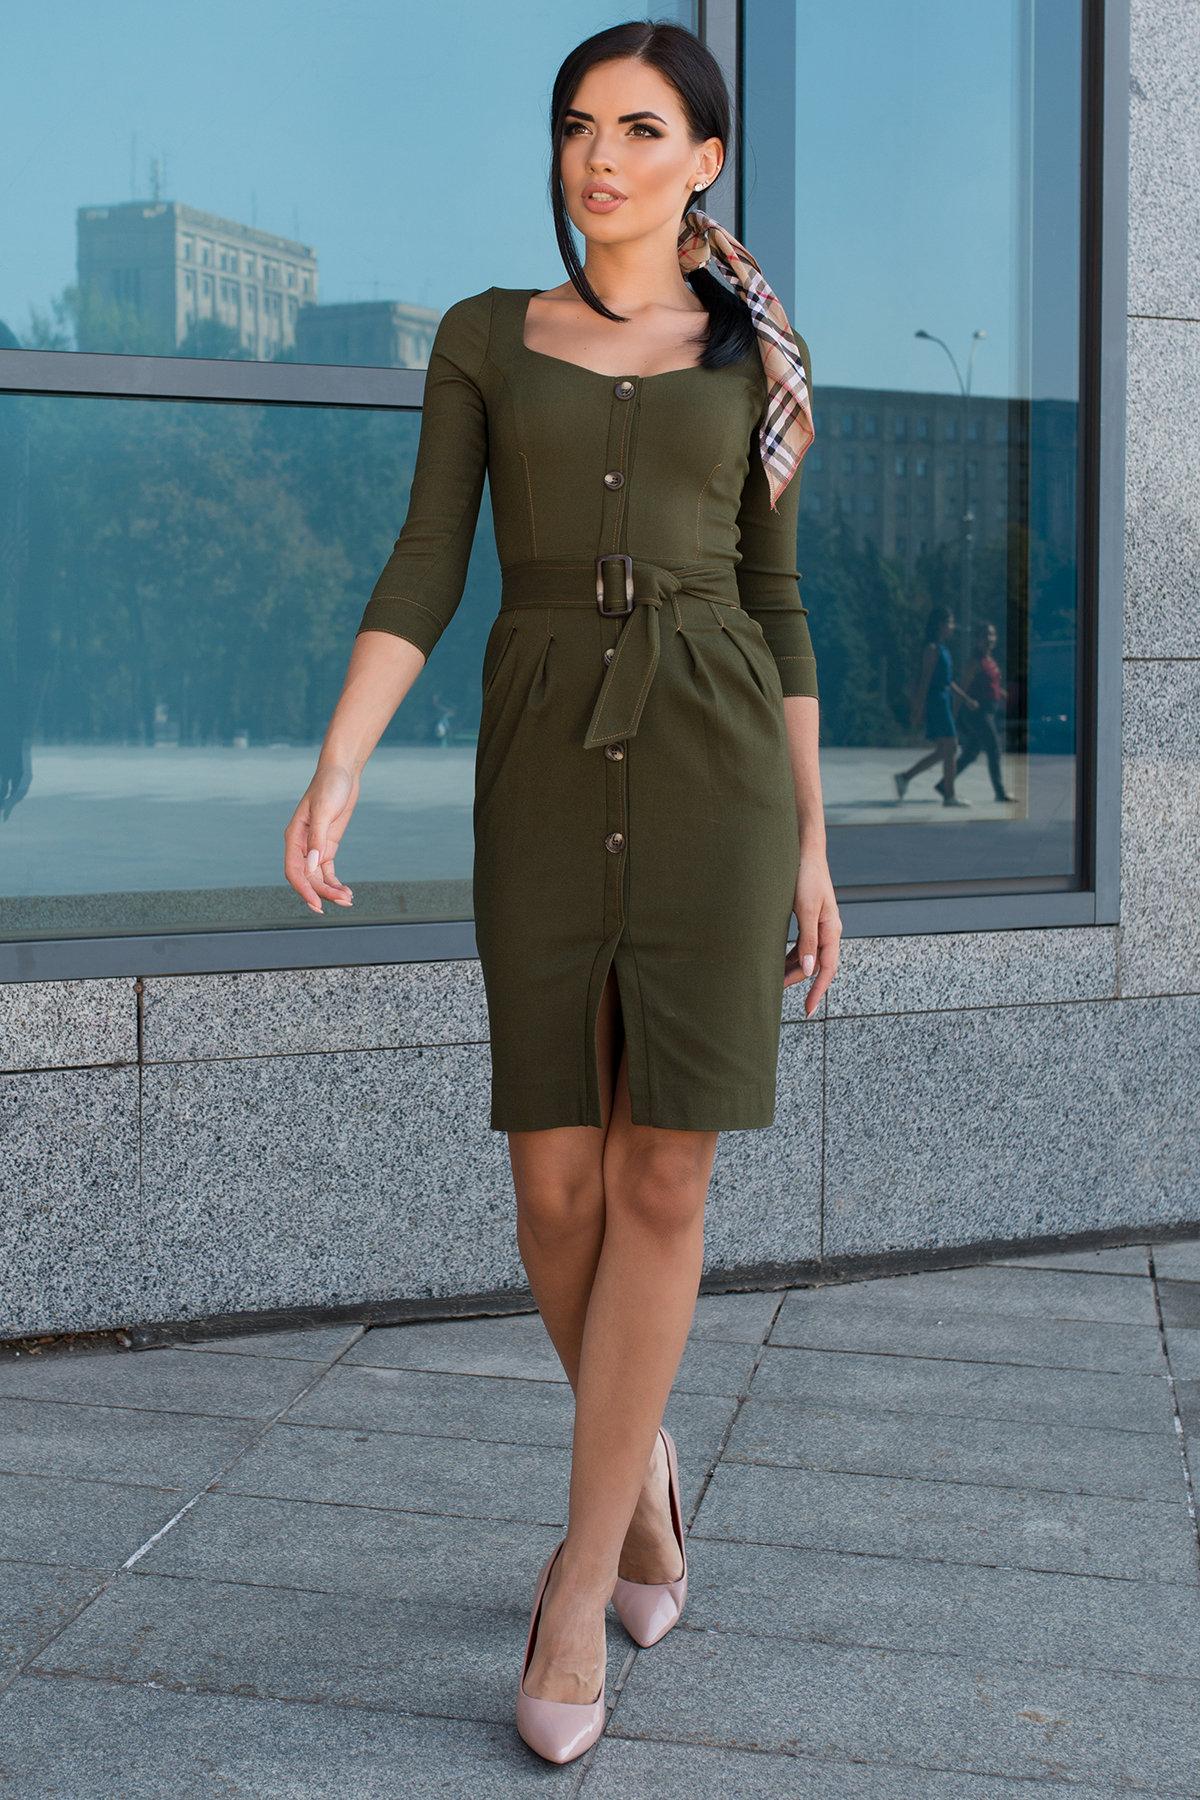 Купить платье оптом Украина Modus Платье-футляр Марсель 7656